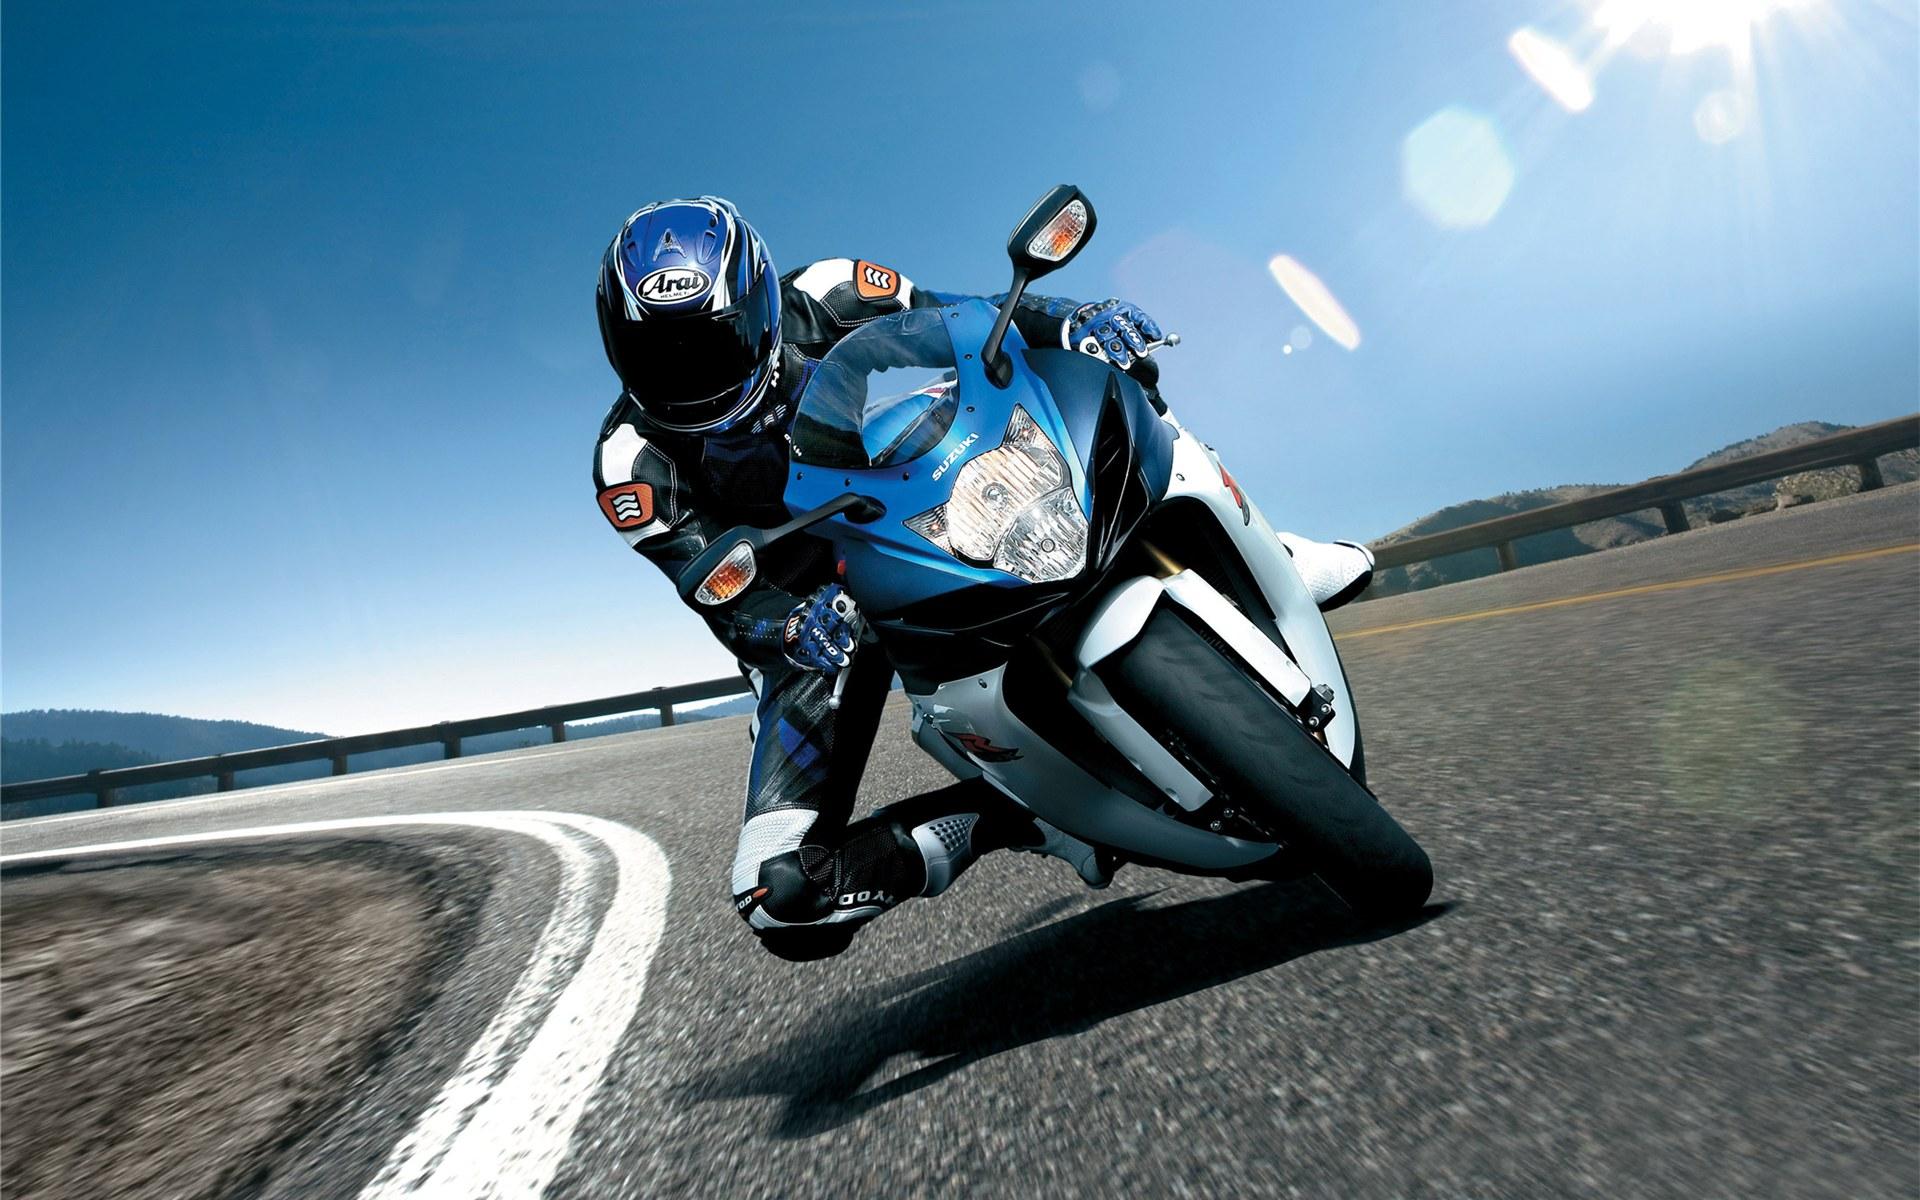 Suzuki Gsx R 750 2011 wallpaper   403546 1920x1200